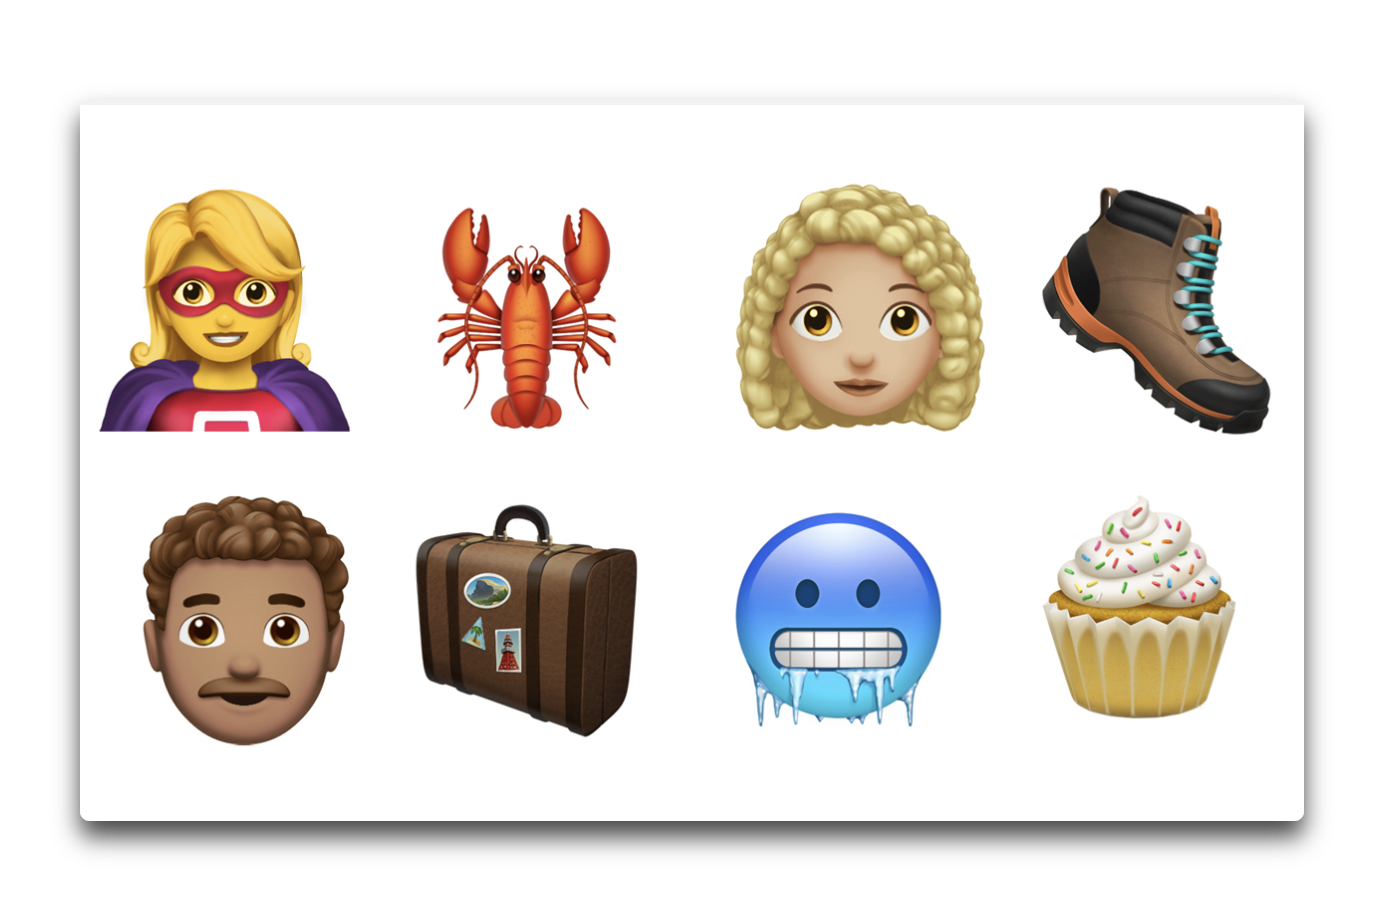 Apple、iOS 12.1で70種類以上の新しい絵文字を追加